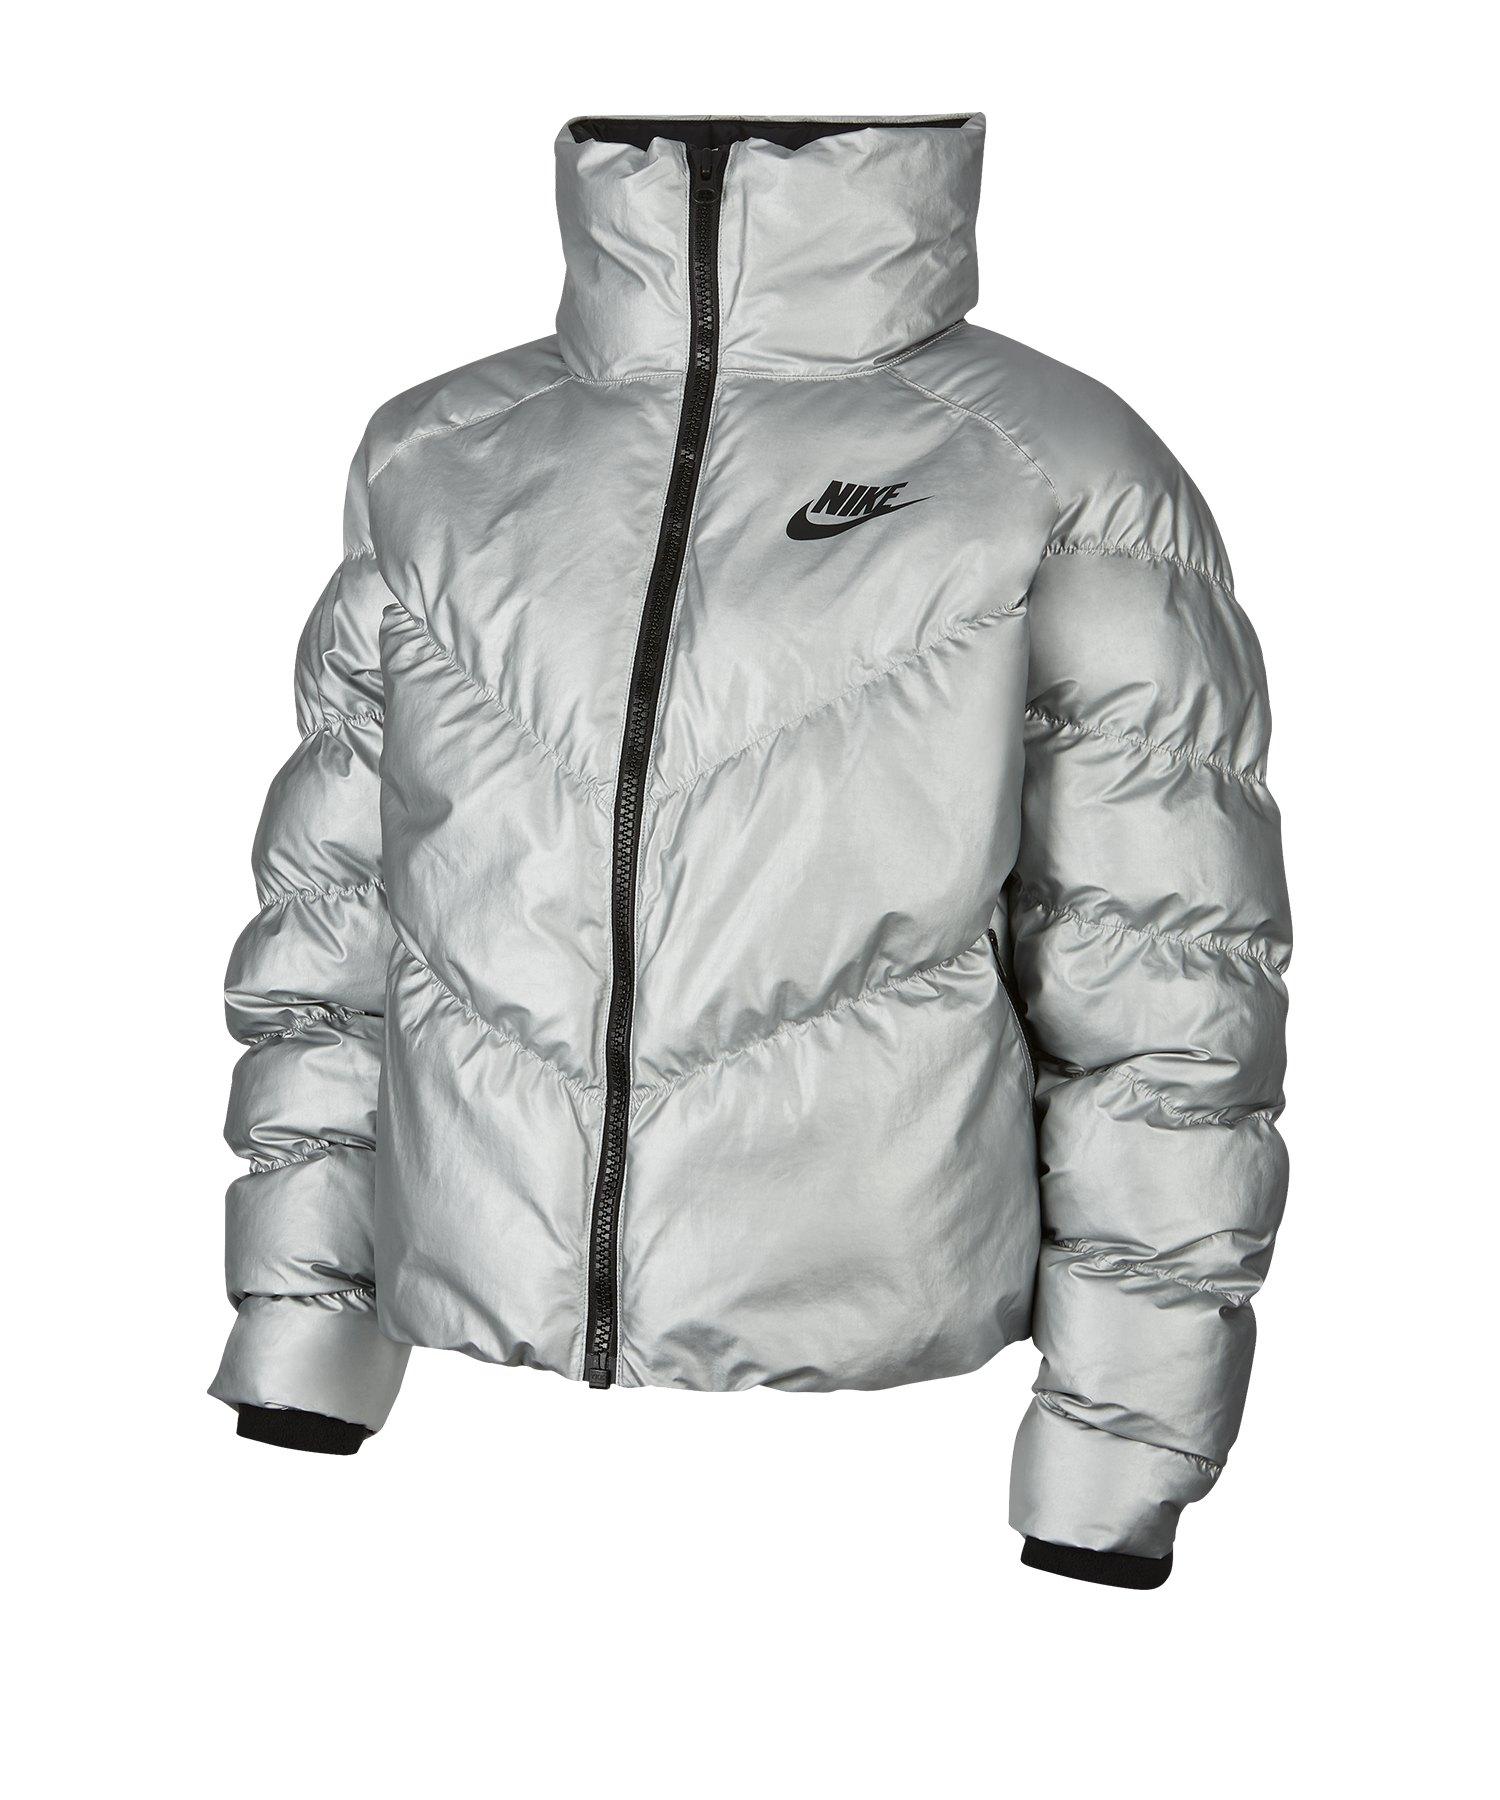 100% original zahlreich in der Vielfalt USA billig verkaufen Nike Winterjacke Damen Grau F095